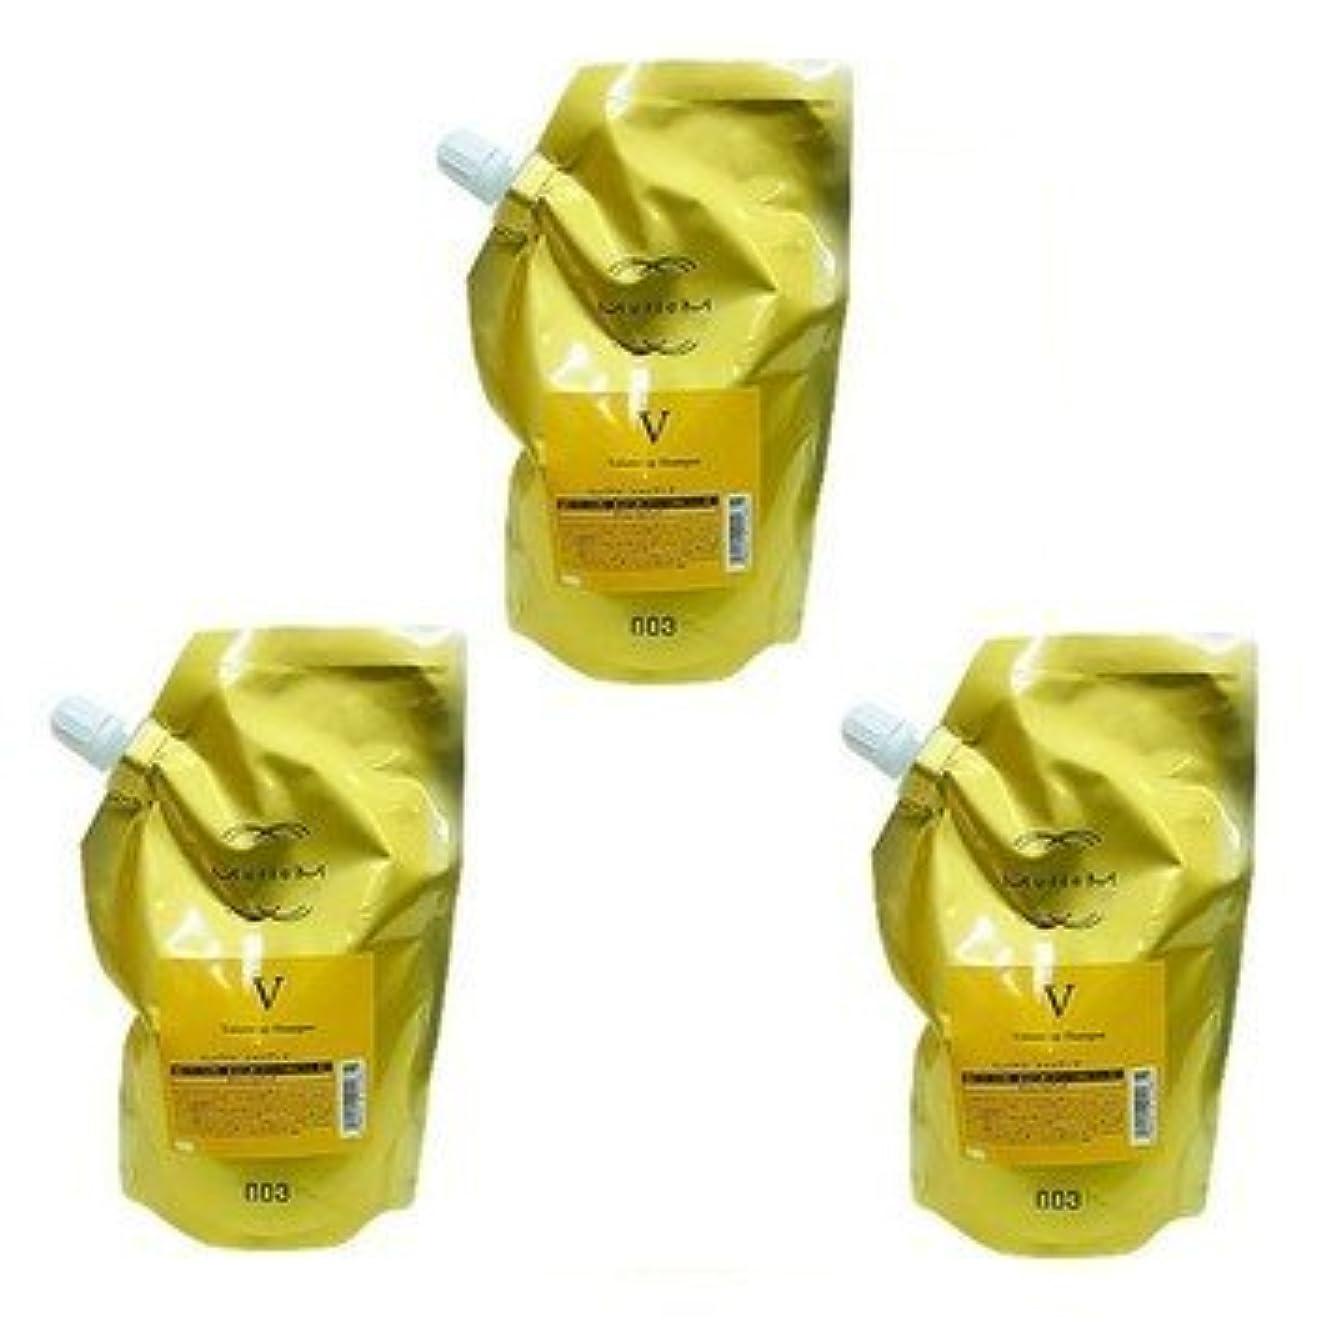 祭司火山下【X3個セット】 ナンバースリー ミュリアム ゴールド シャンプー V 500ml 詰替え用